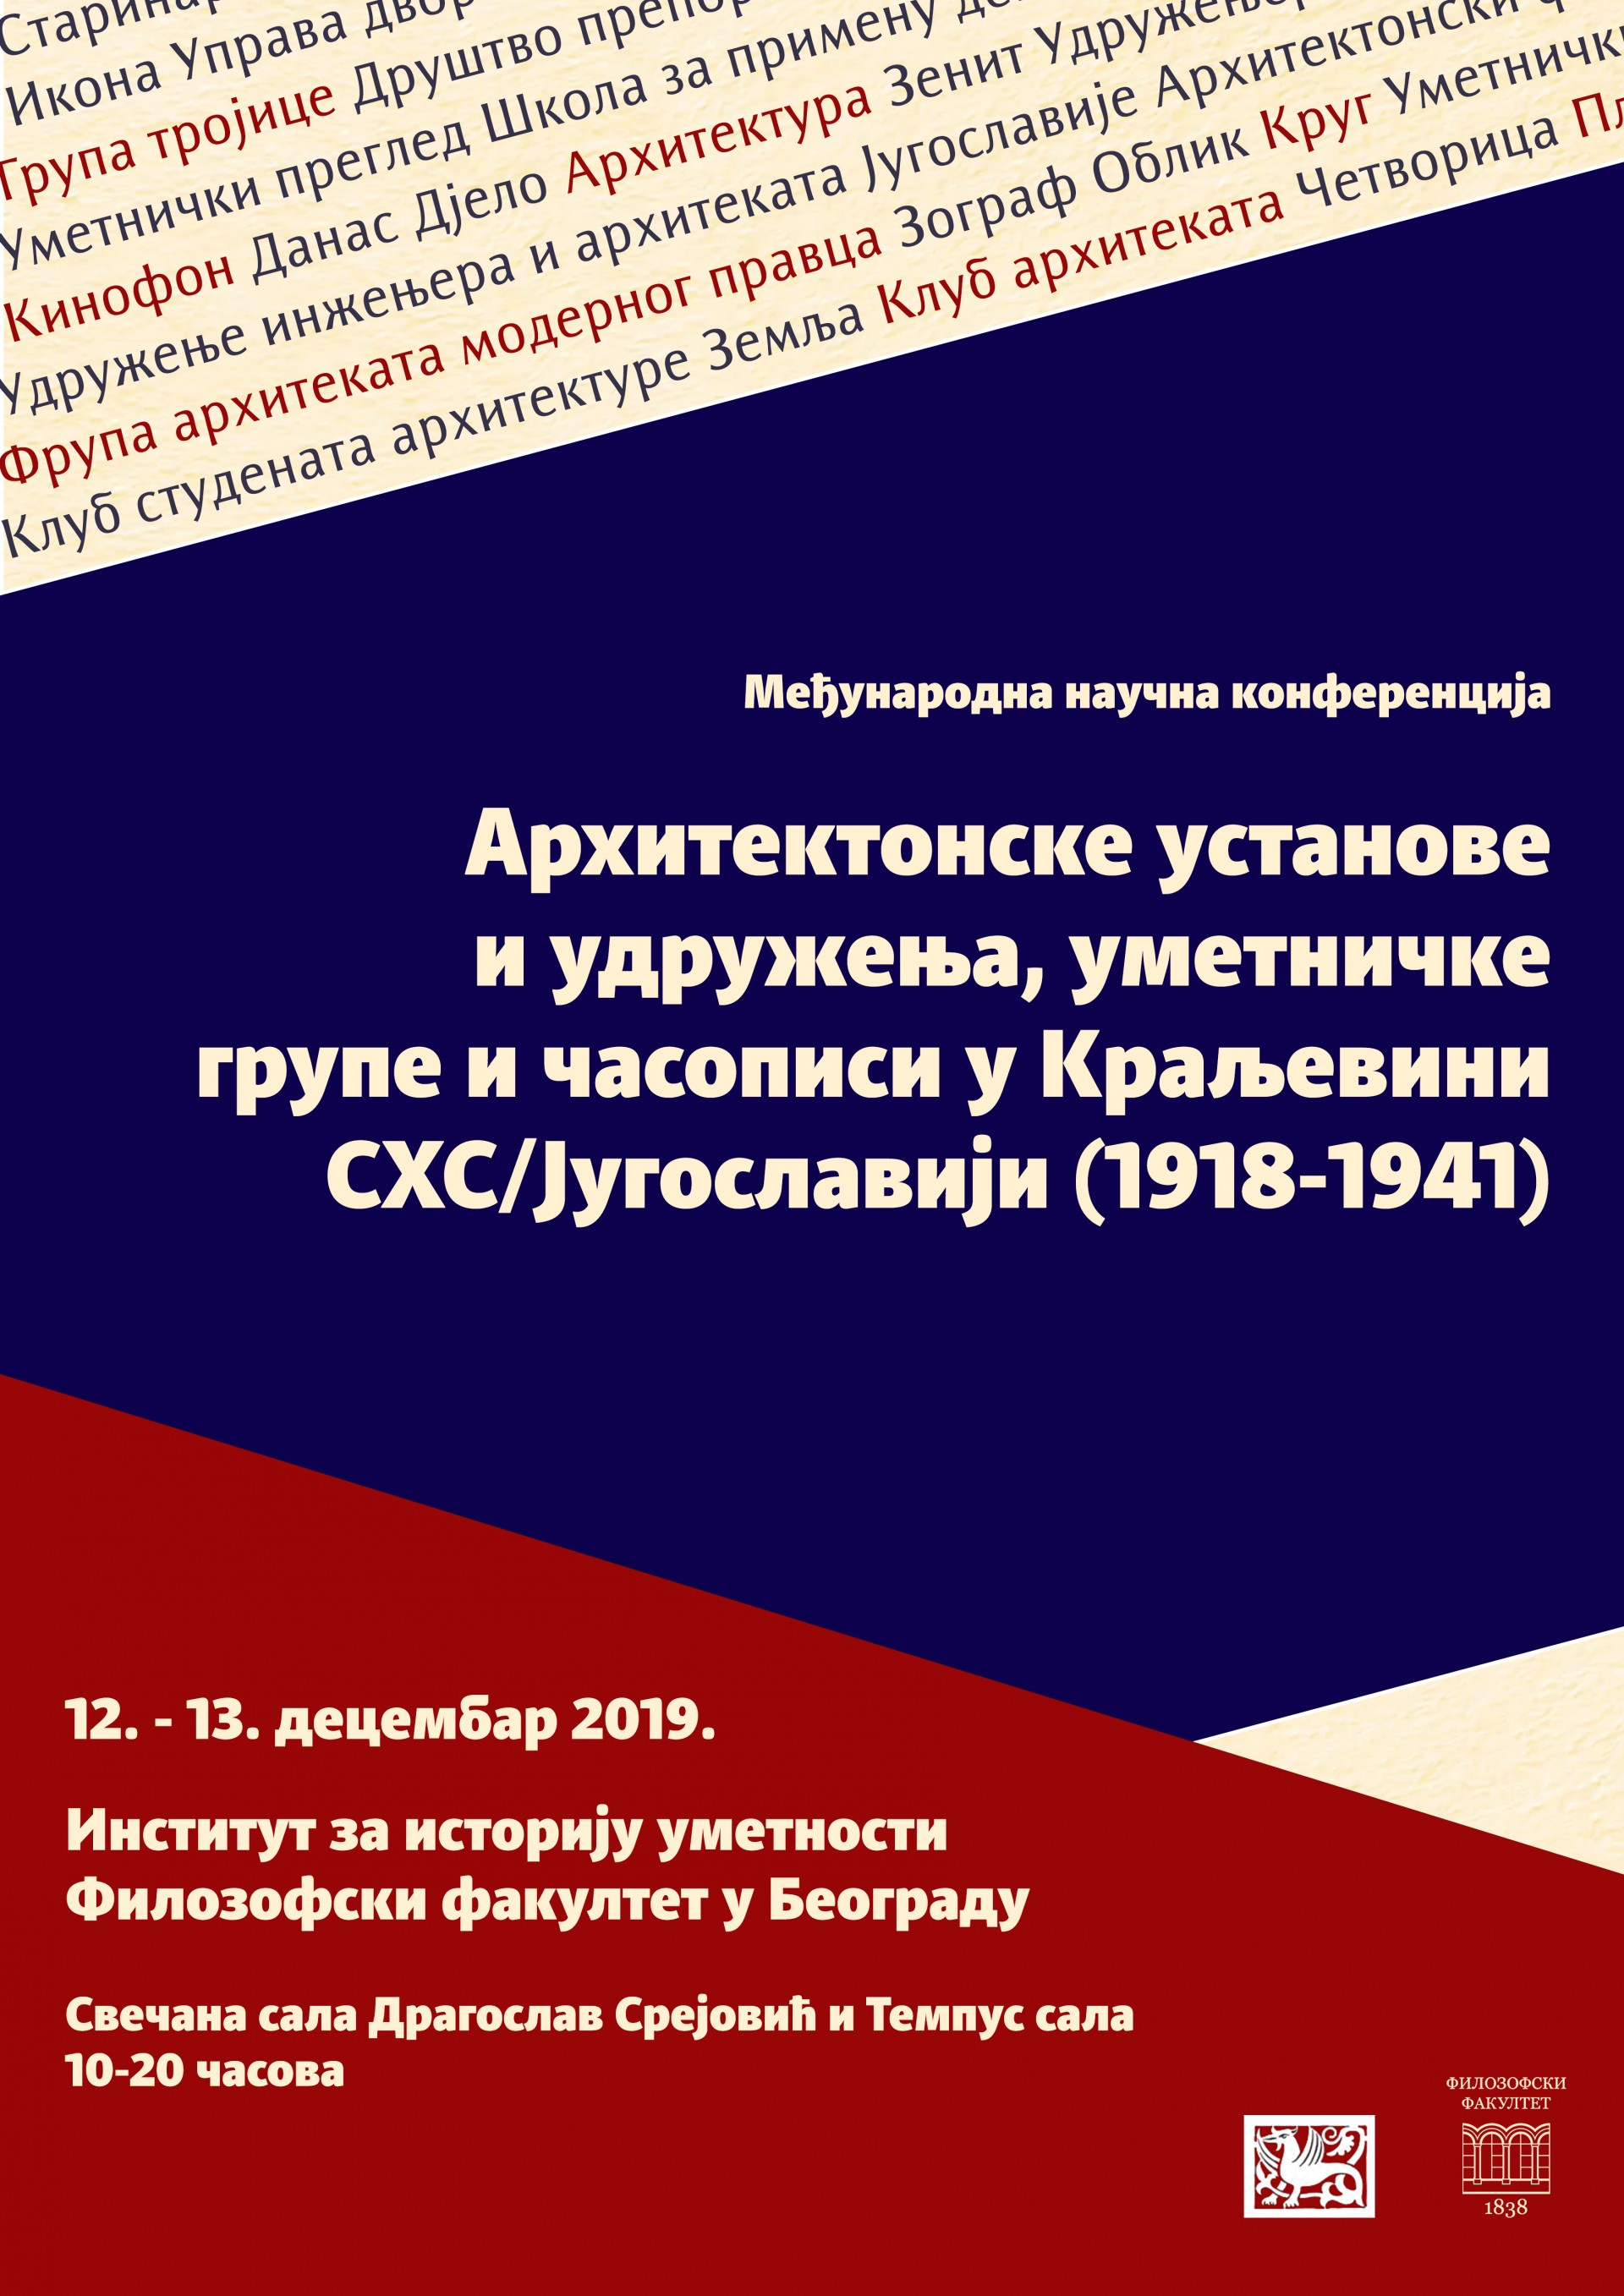 Međunarodna naučna konferencija – Arhitektonske ustanove i udruženja, umetničke grupe i udruženja u Kraljevini SHS/Jugoslaviji (1918-1941)